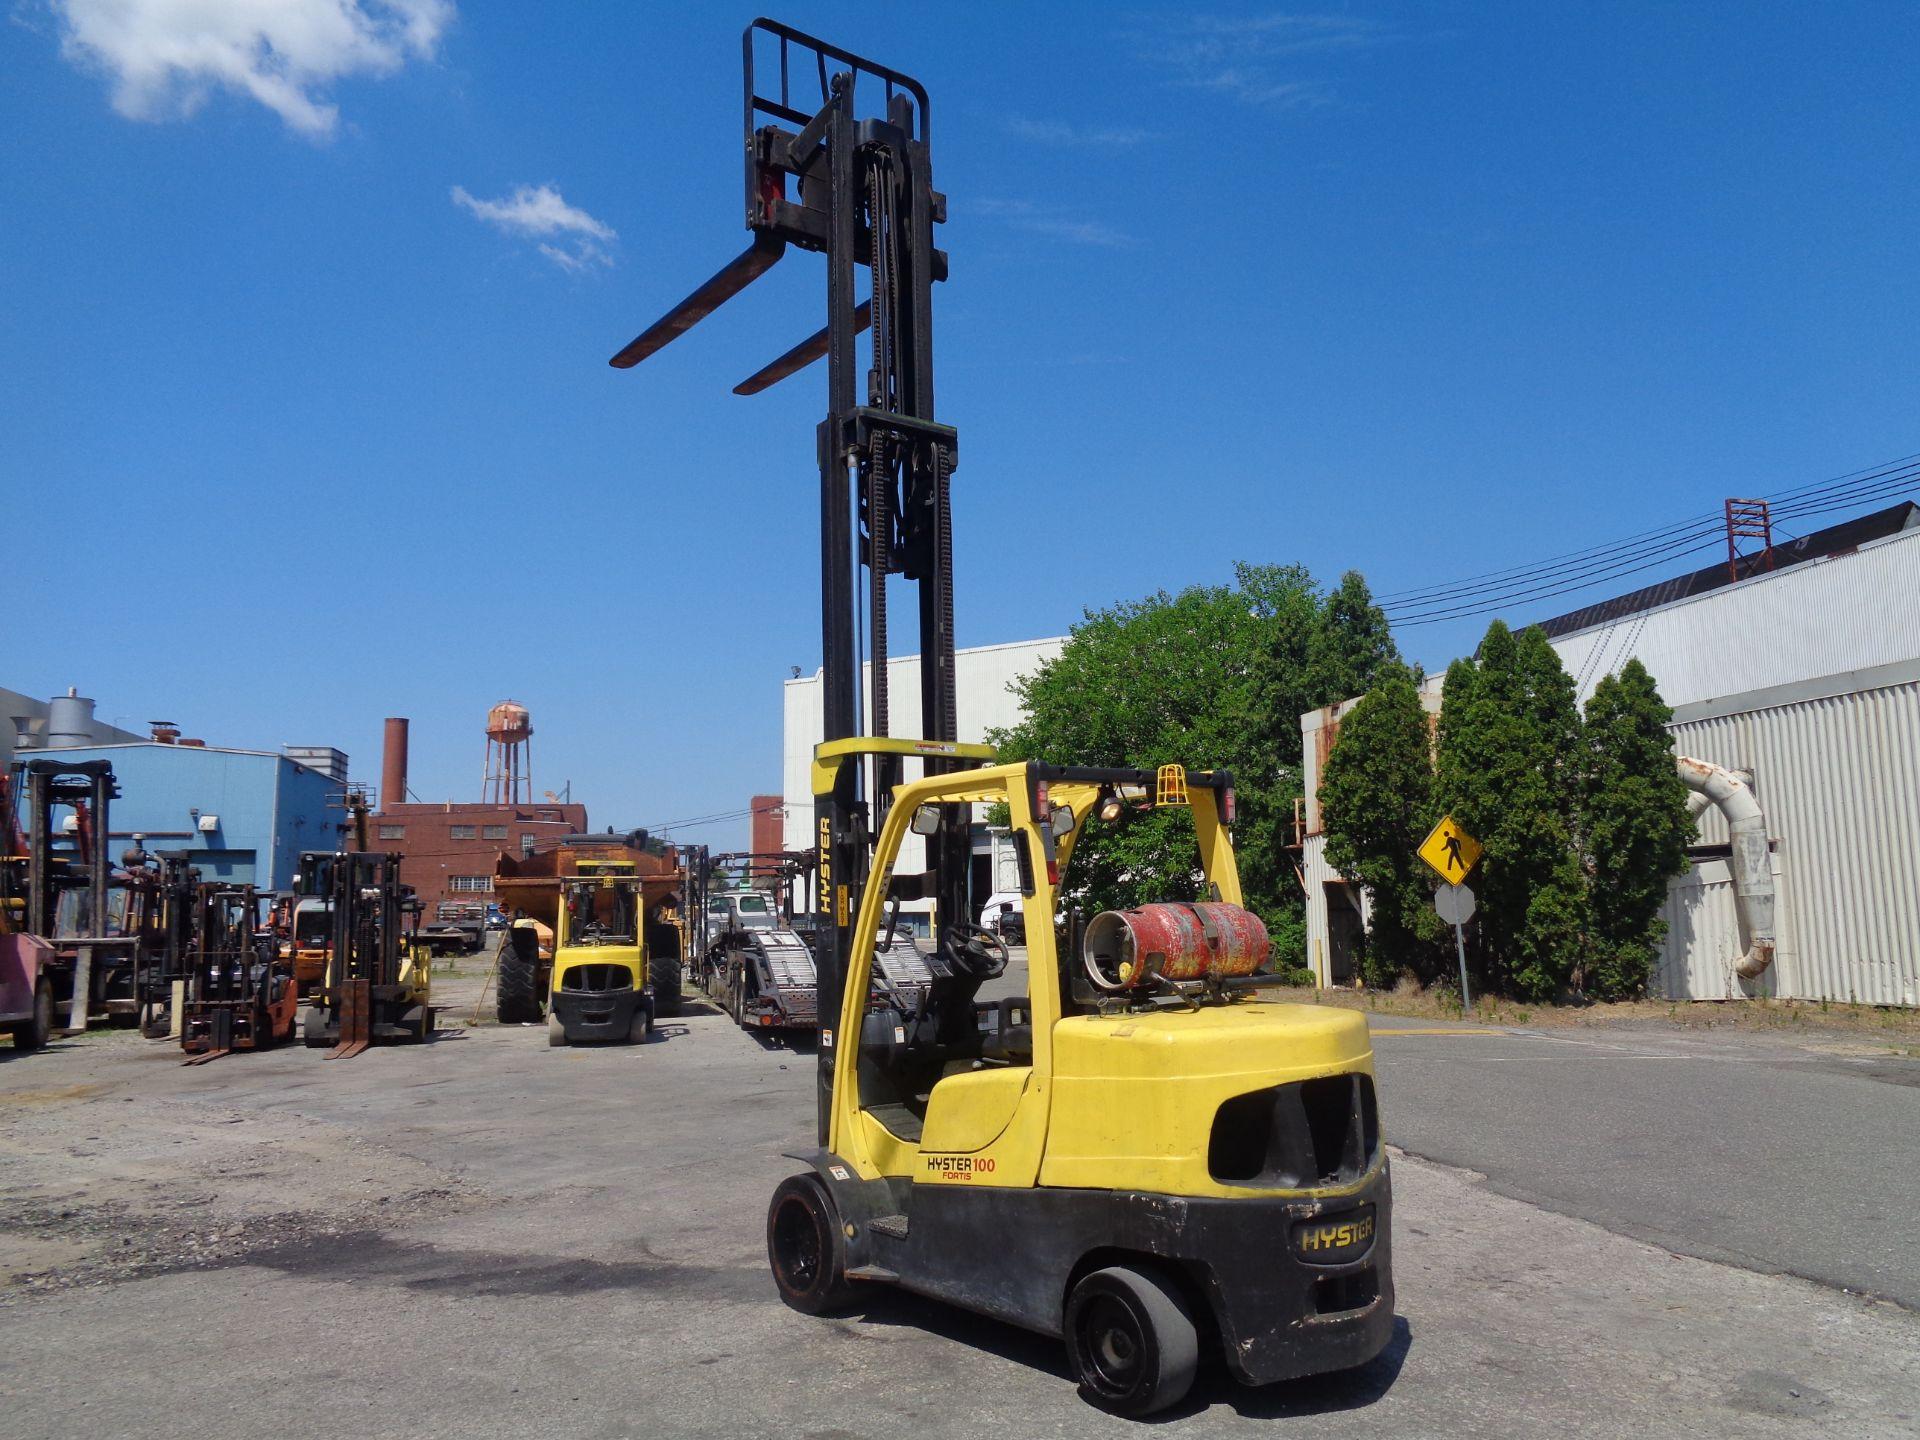 Hyster S100FT 10,000lb Forklift - Image 13 of 19